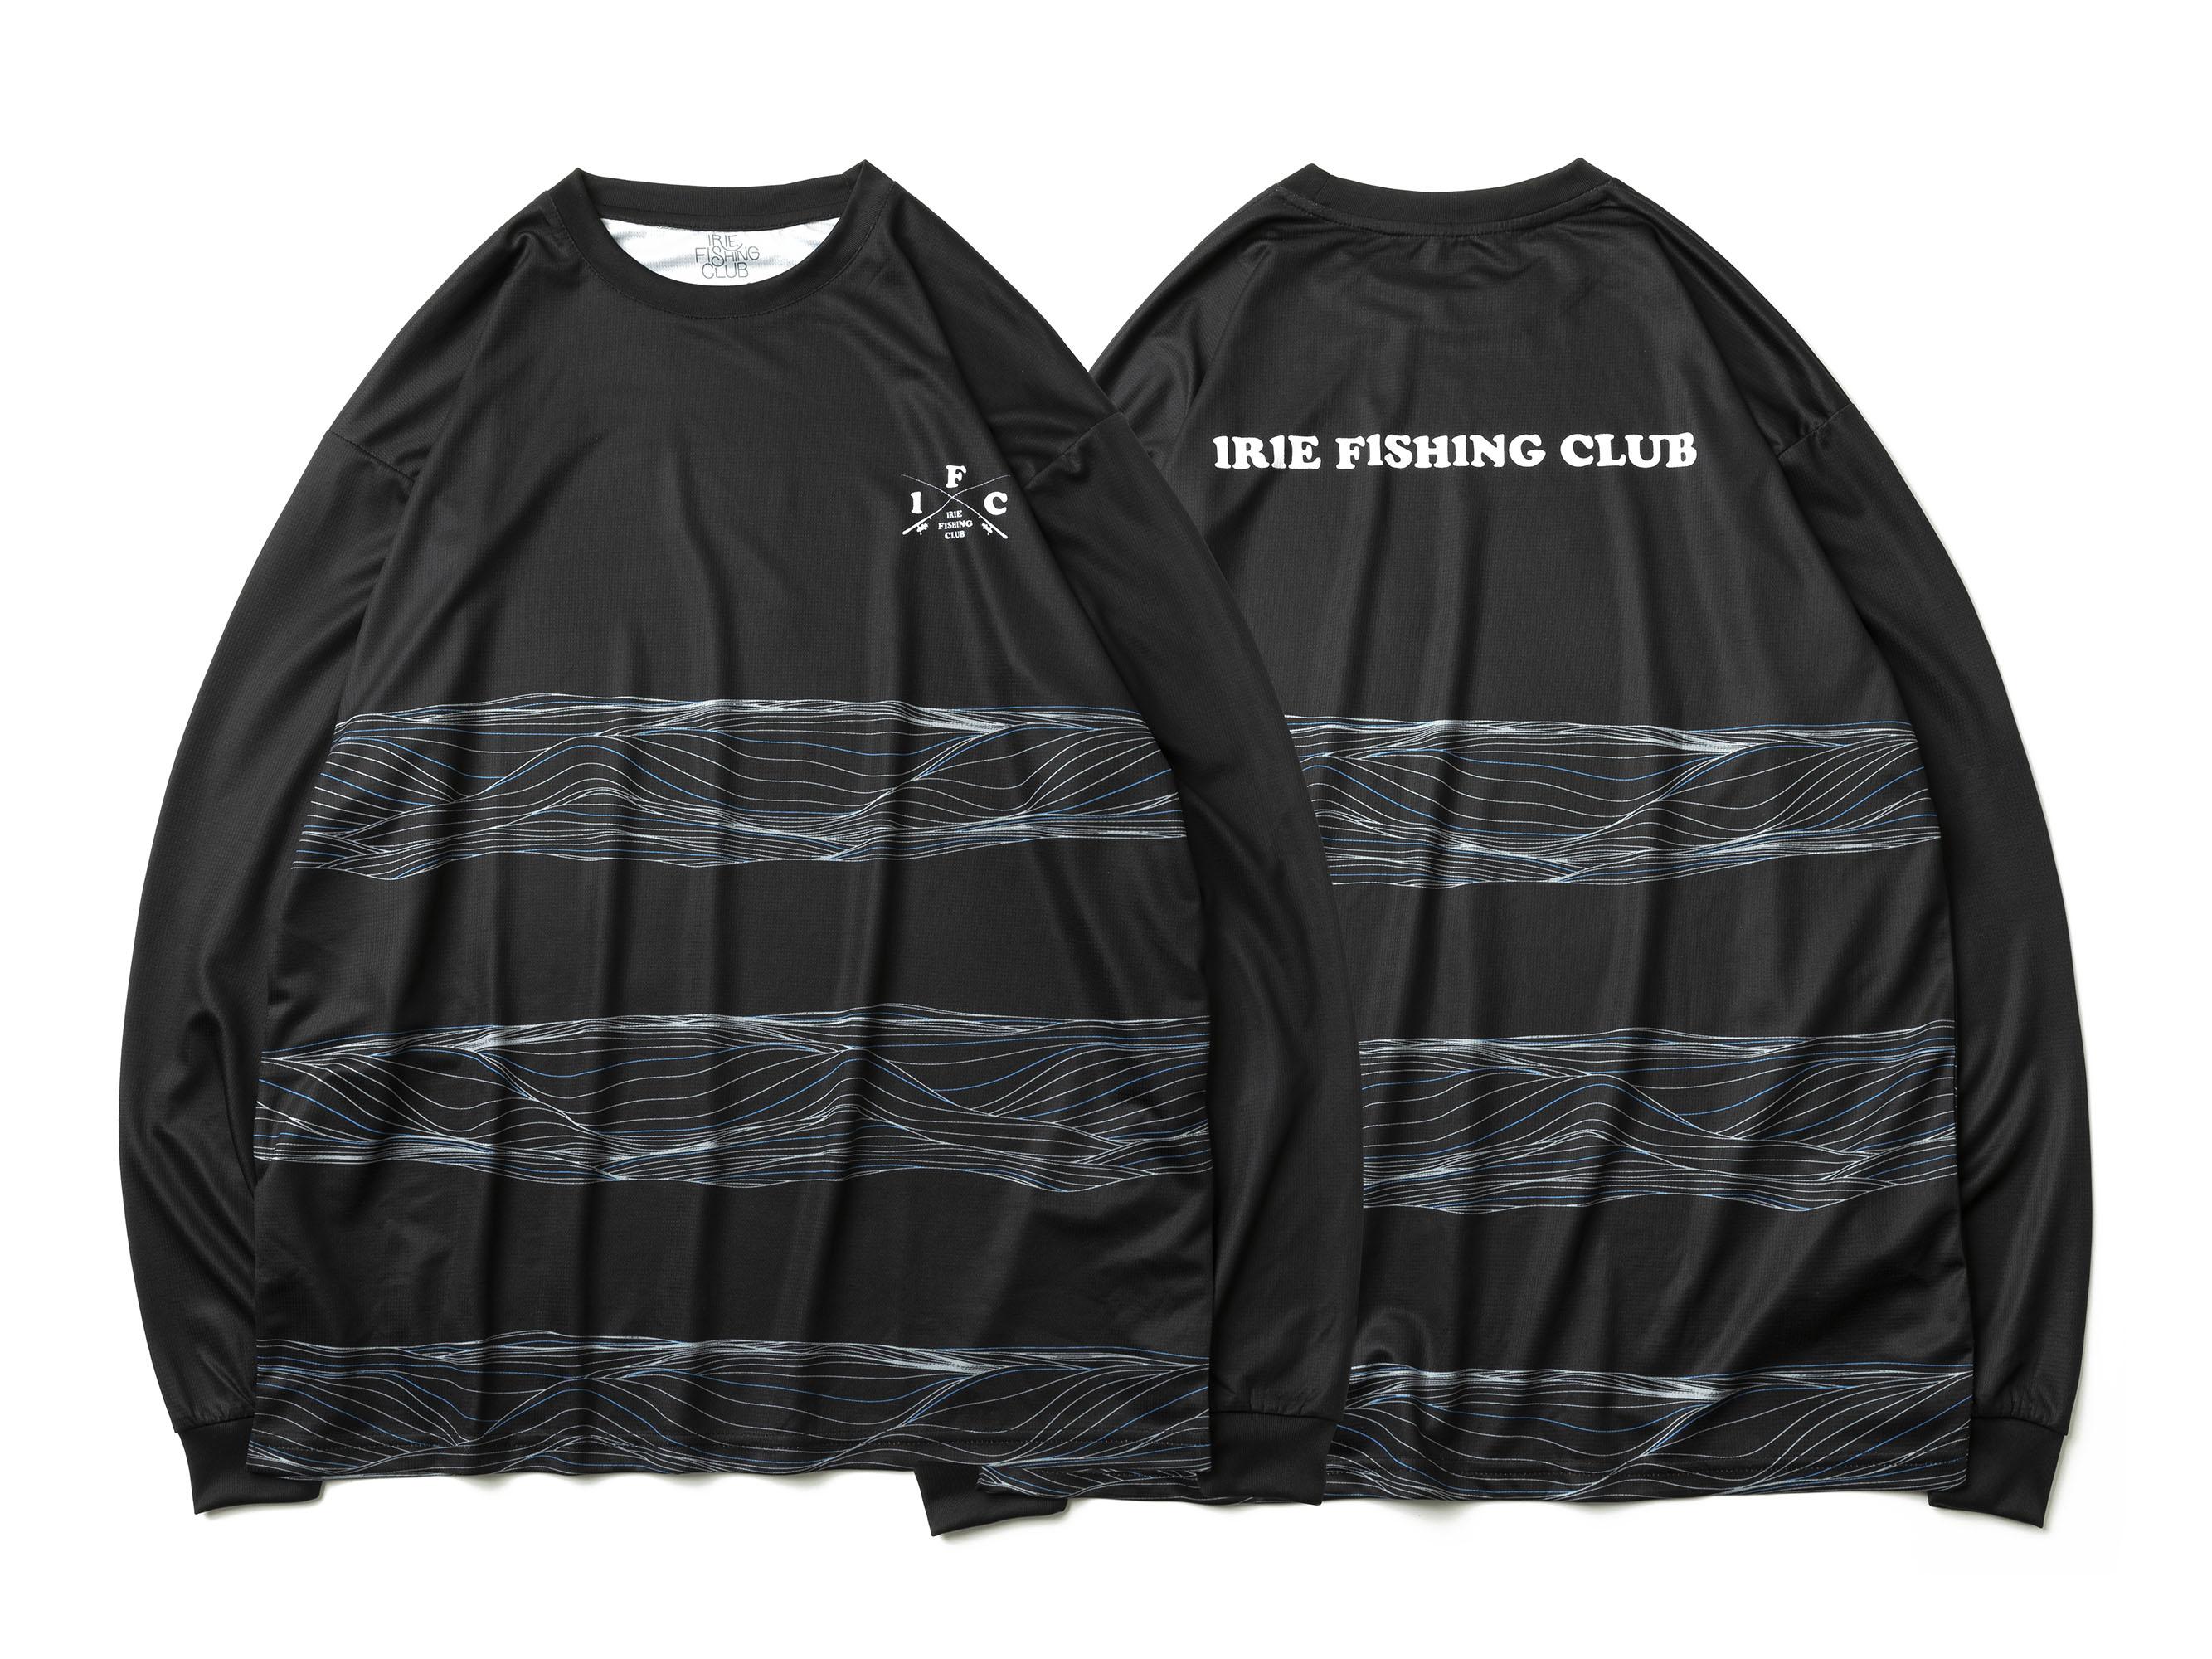 【再入荷】I.F.C DRY MESH L/S TEE - IRIE FISHING CLUB